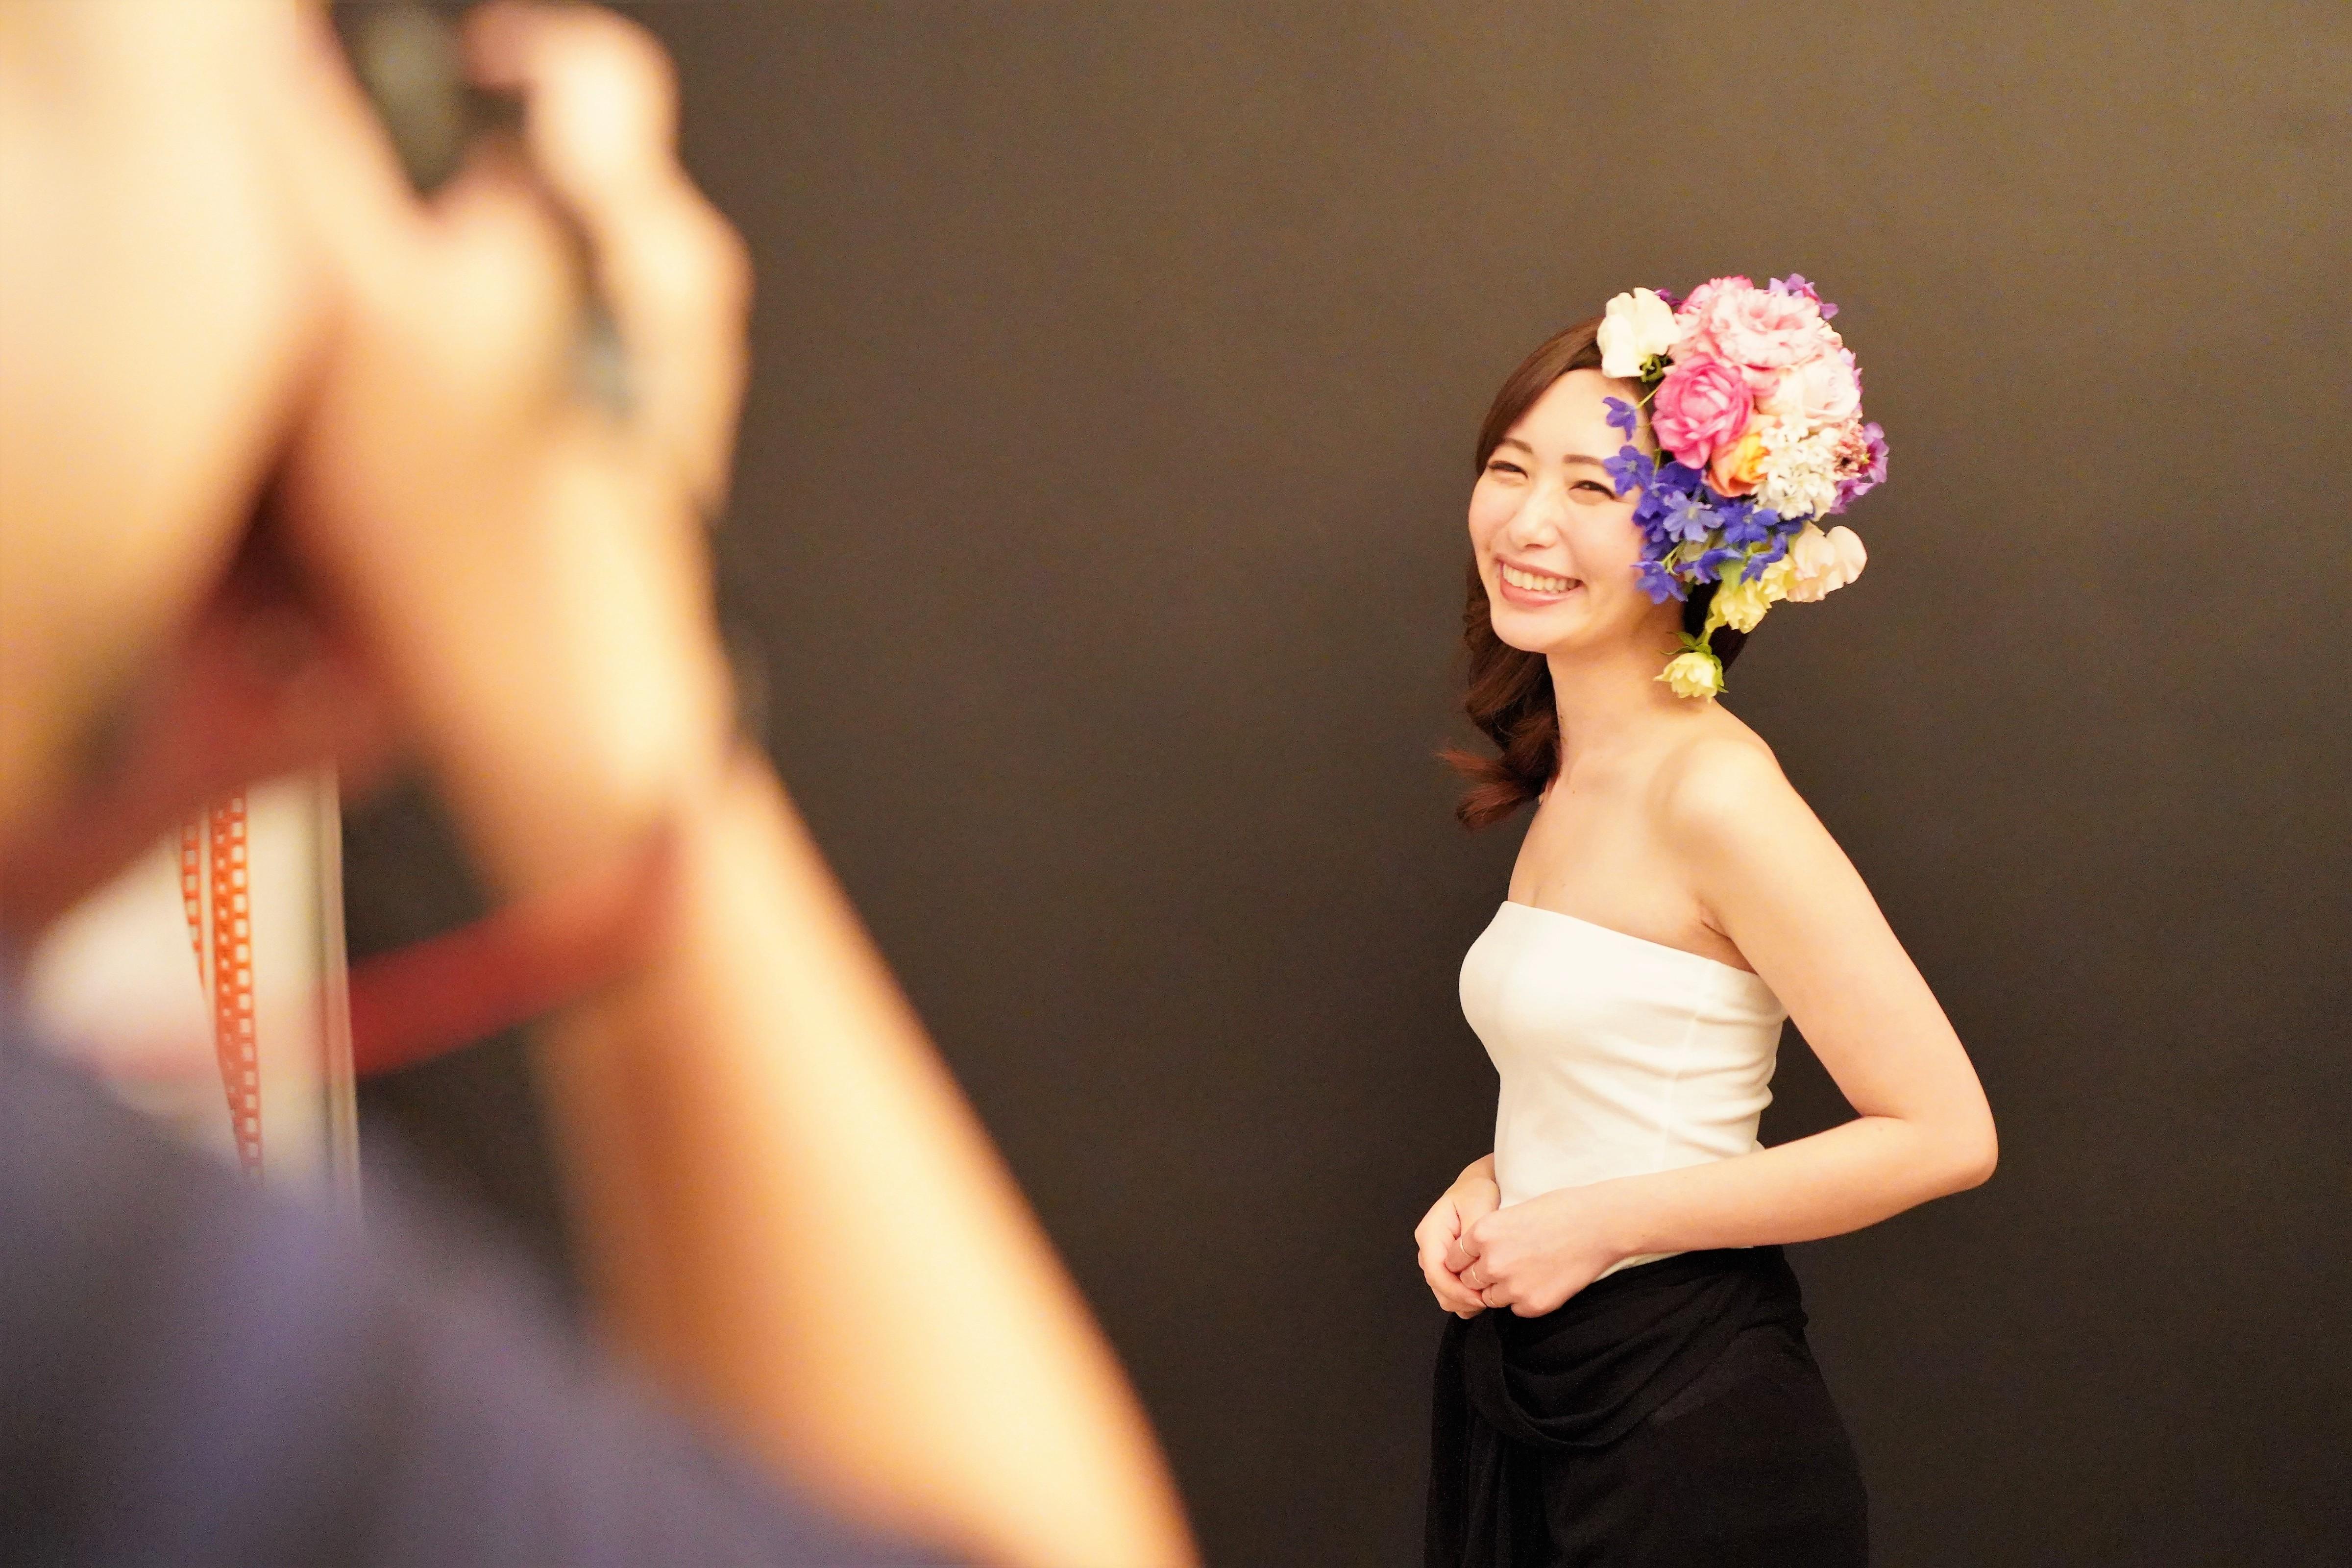 頭に花を盛れる贅沢体験とは?「HANANINGEN」であなただけの一枚を。 - DSC06767 2